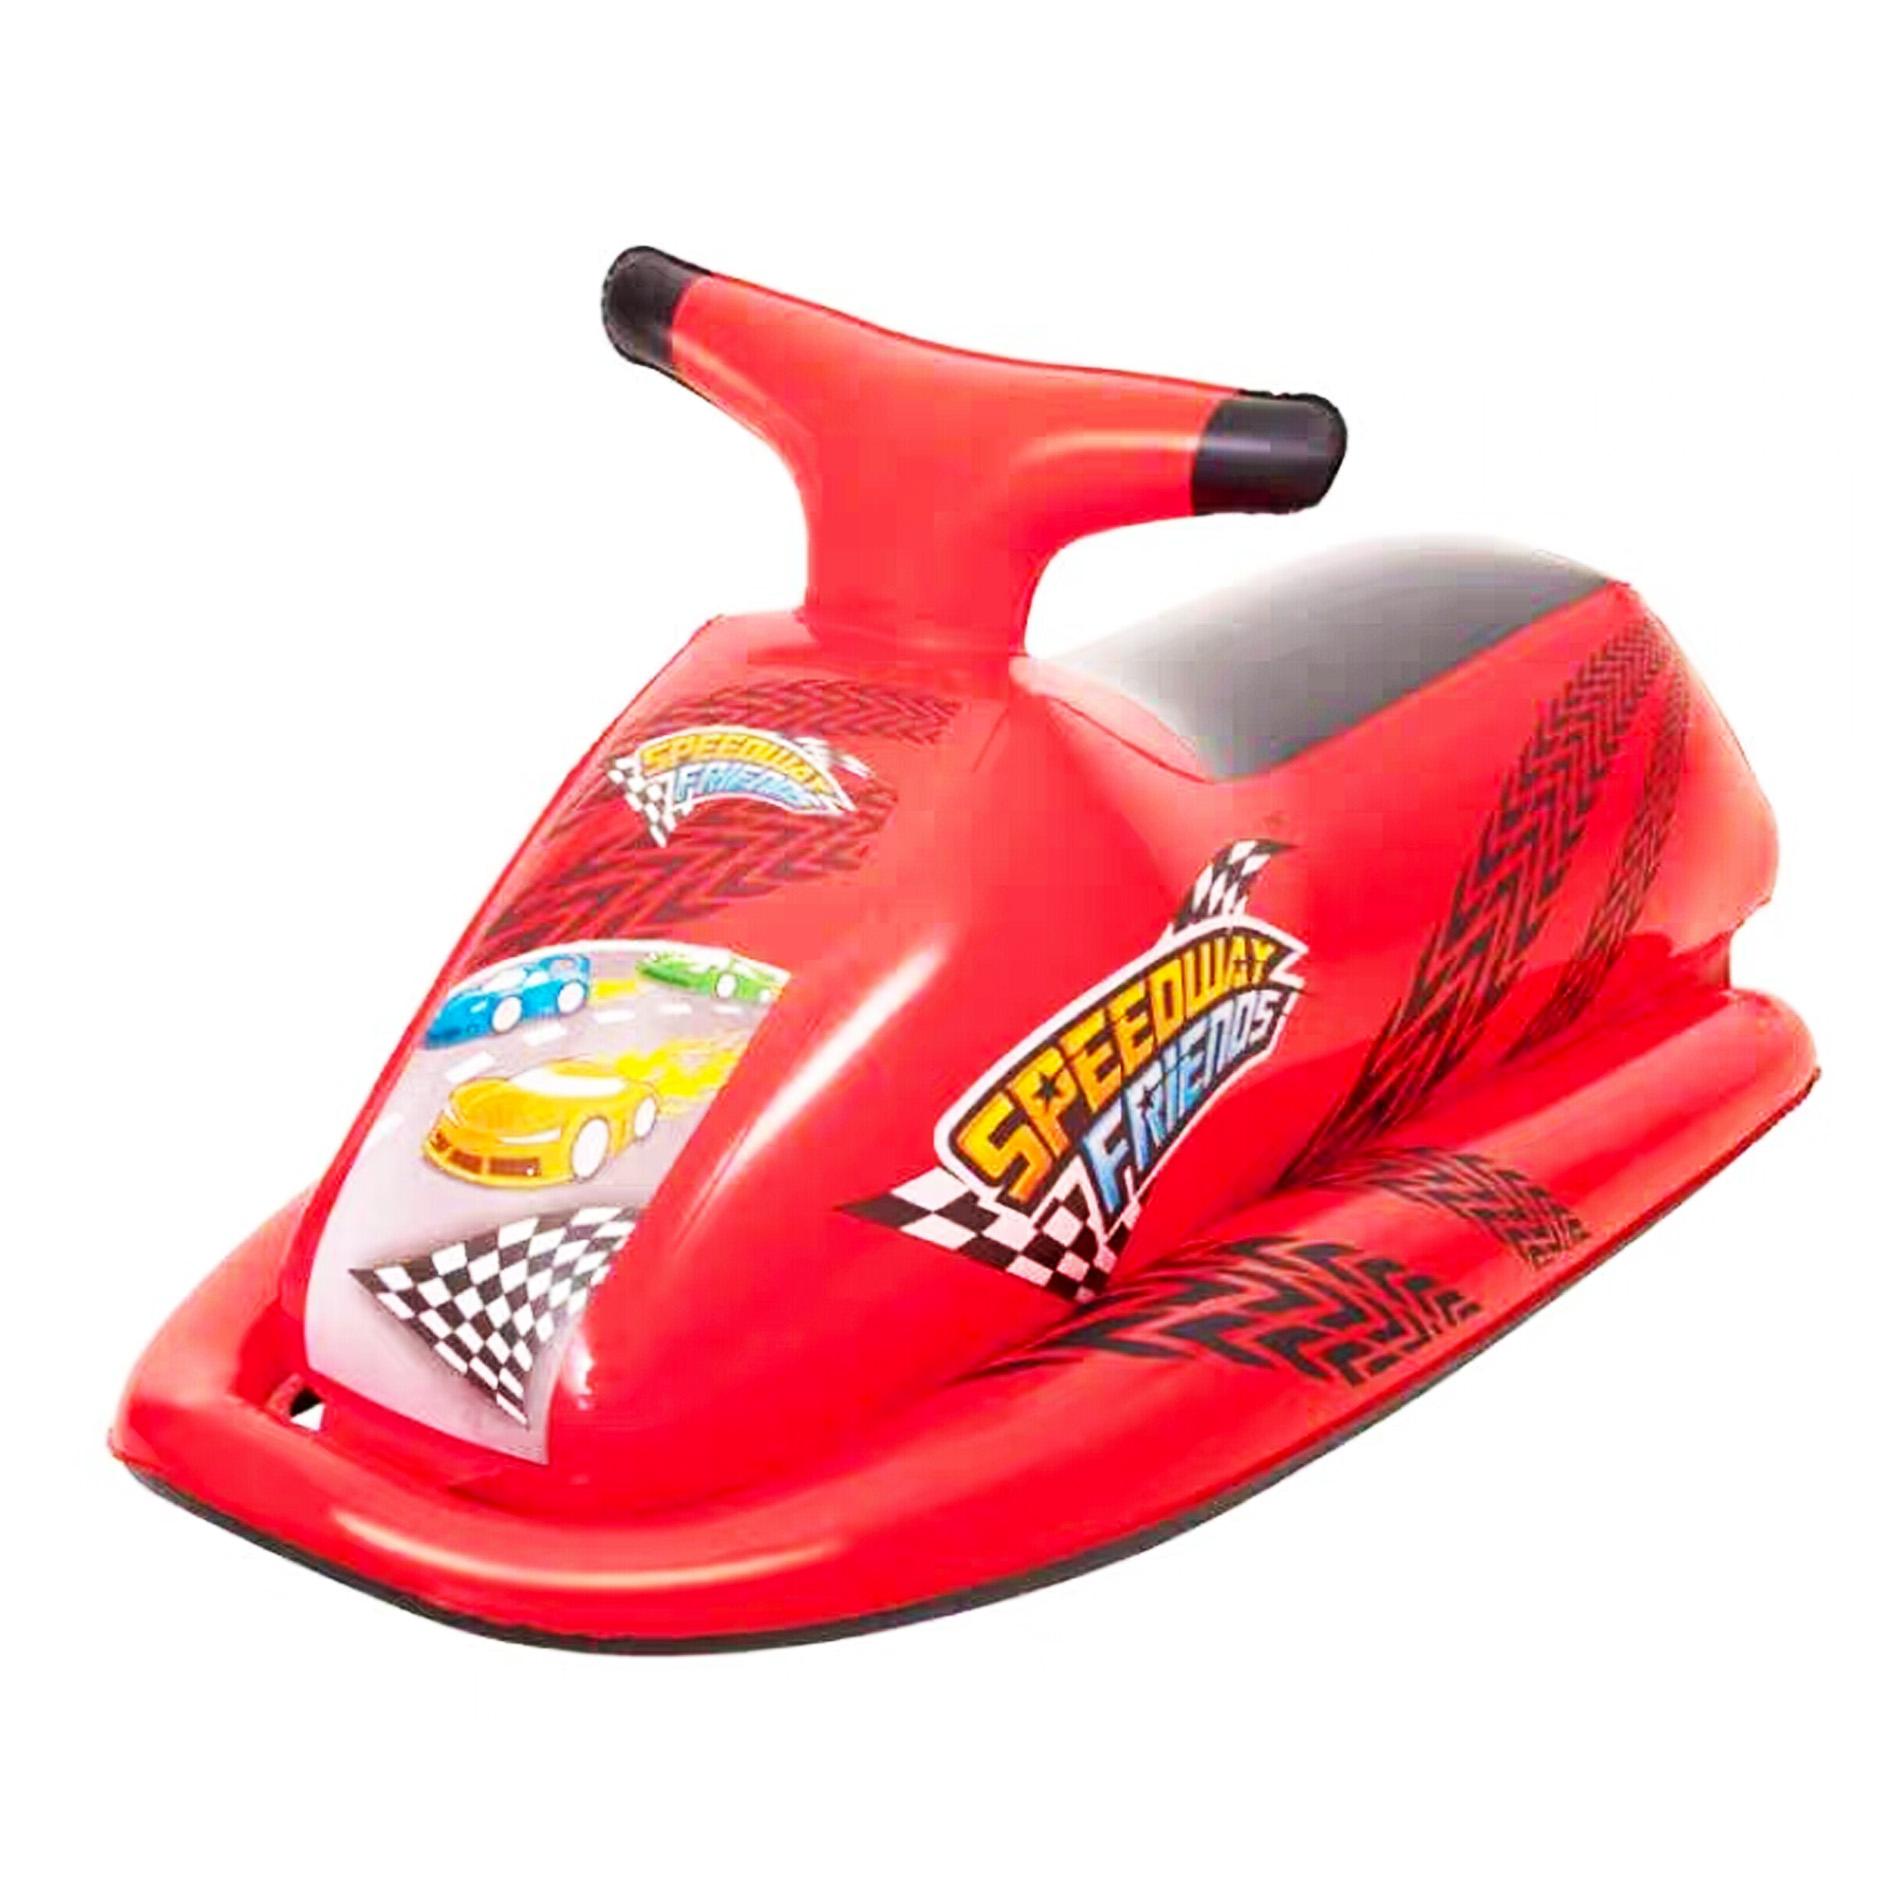 Inflable Para Motocicleta Juguetes Para Los Niños Flotar En El Agua Mientras Montaba Un Motocar Juguete Buy Inflable Juguetes De Peluche Decorar Parte Las Actividades O Los Niños Juguetes Flotantes En